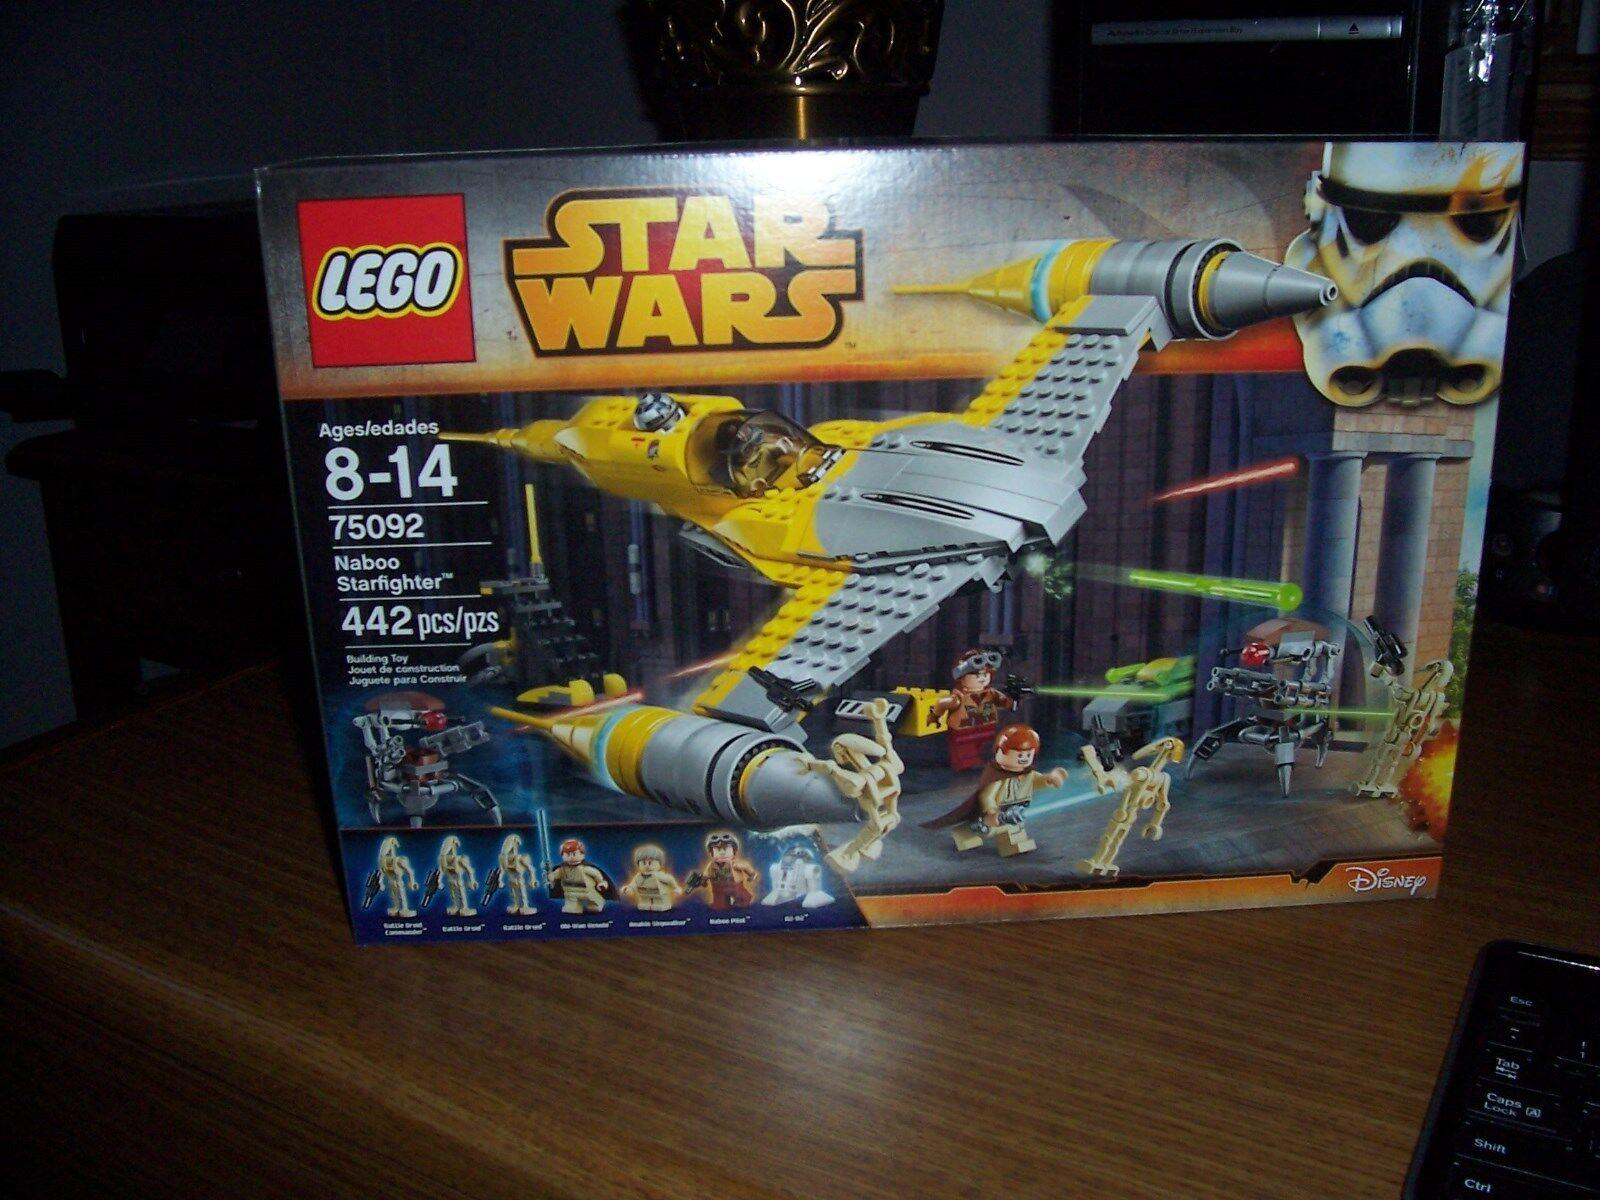 Lego Lego Lego star wars 75092 naboo starfighter nib factory sealed 22b6cb